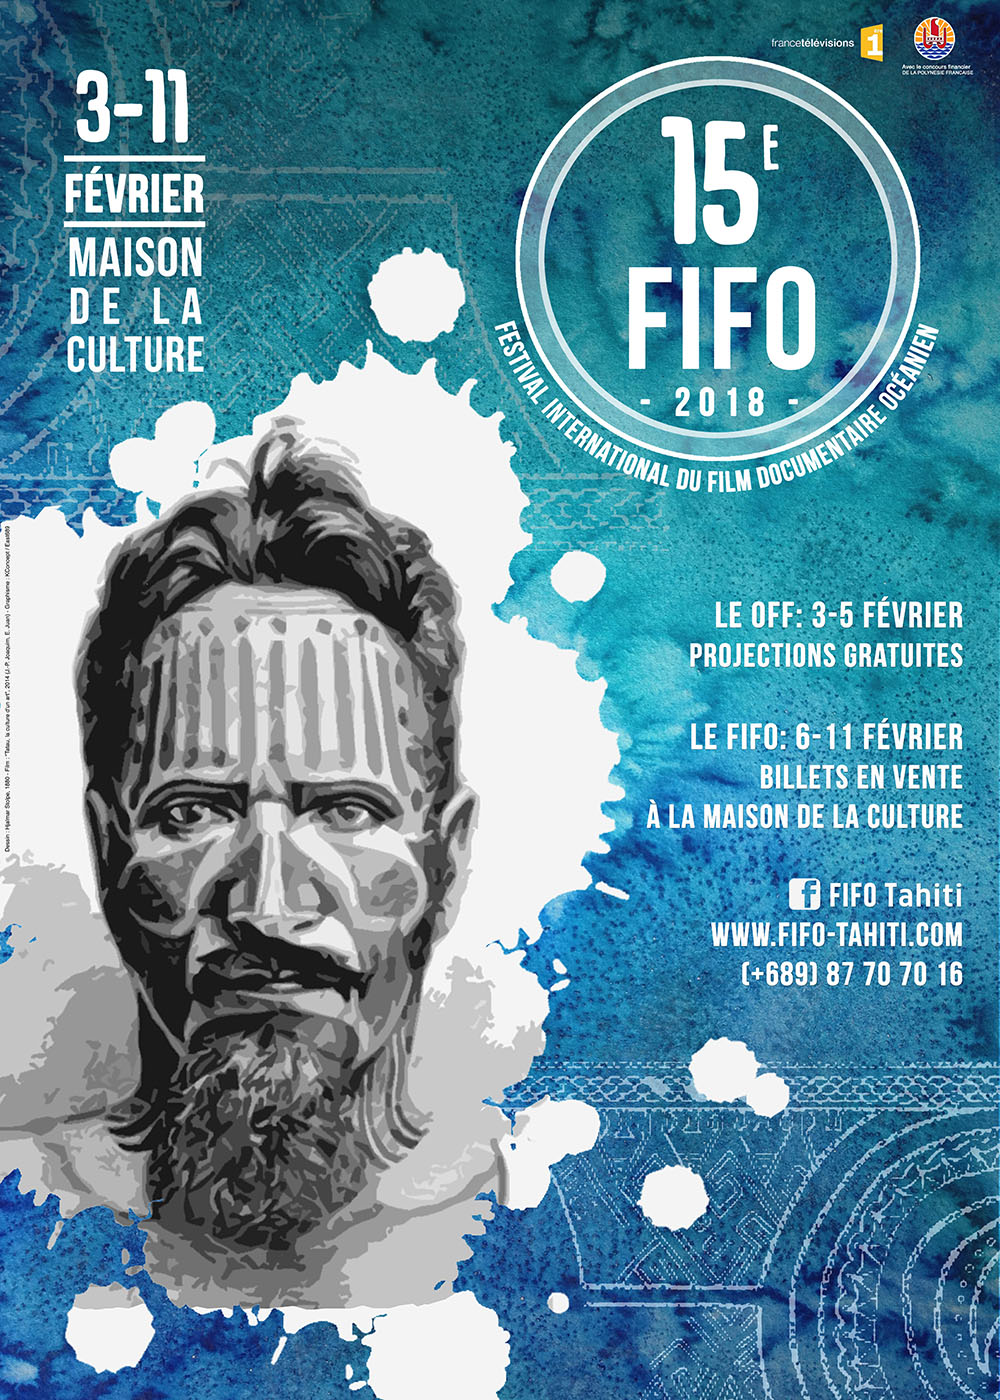 Fifo 2019 : les inscriptions ouvertes à partir du 1er avril